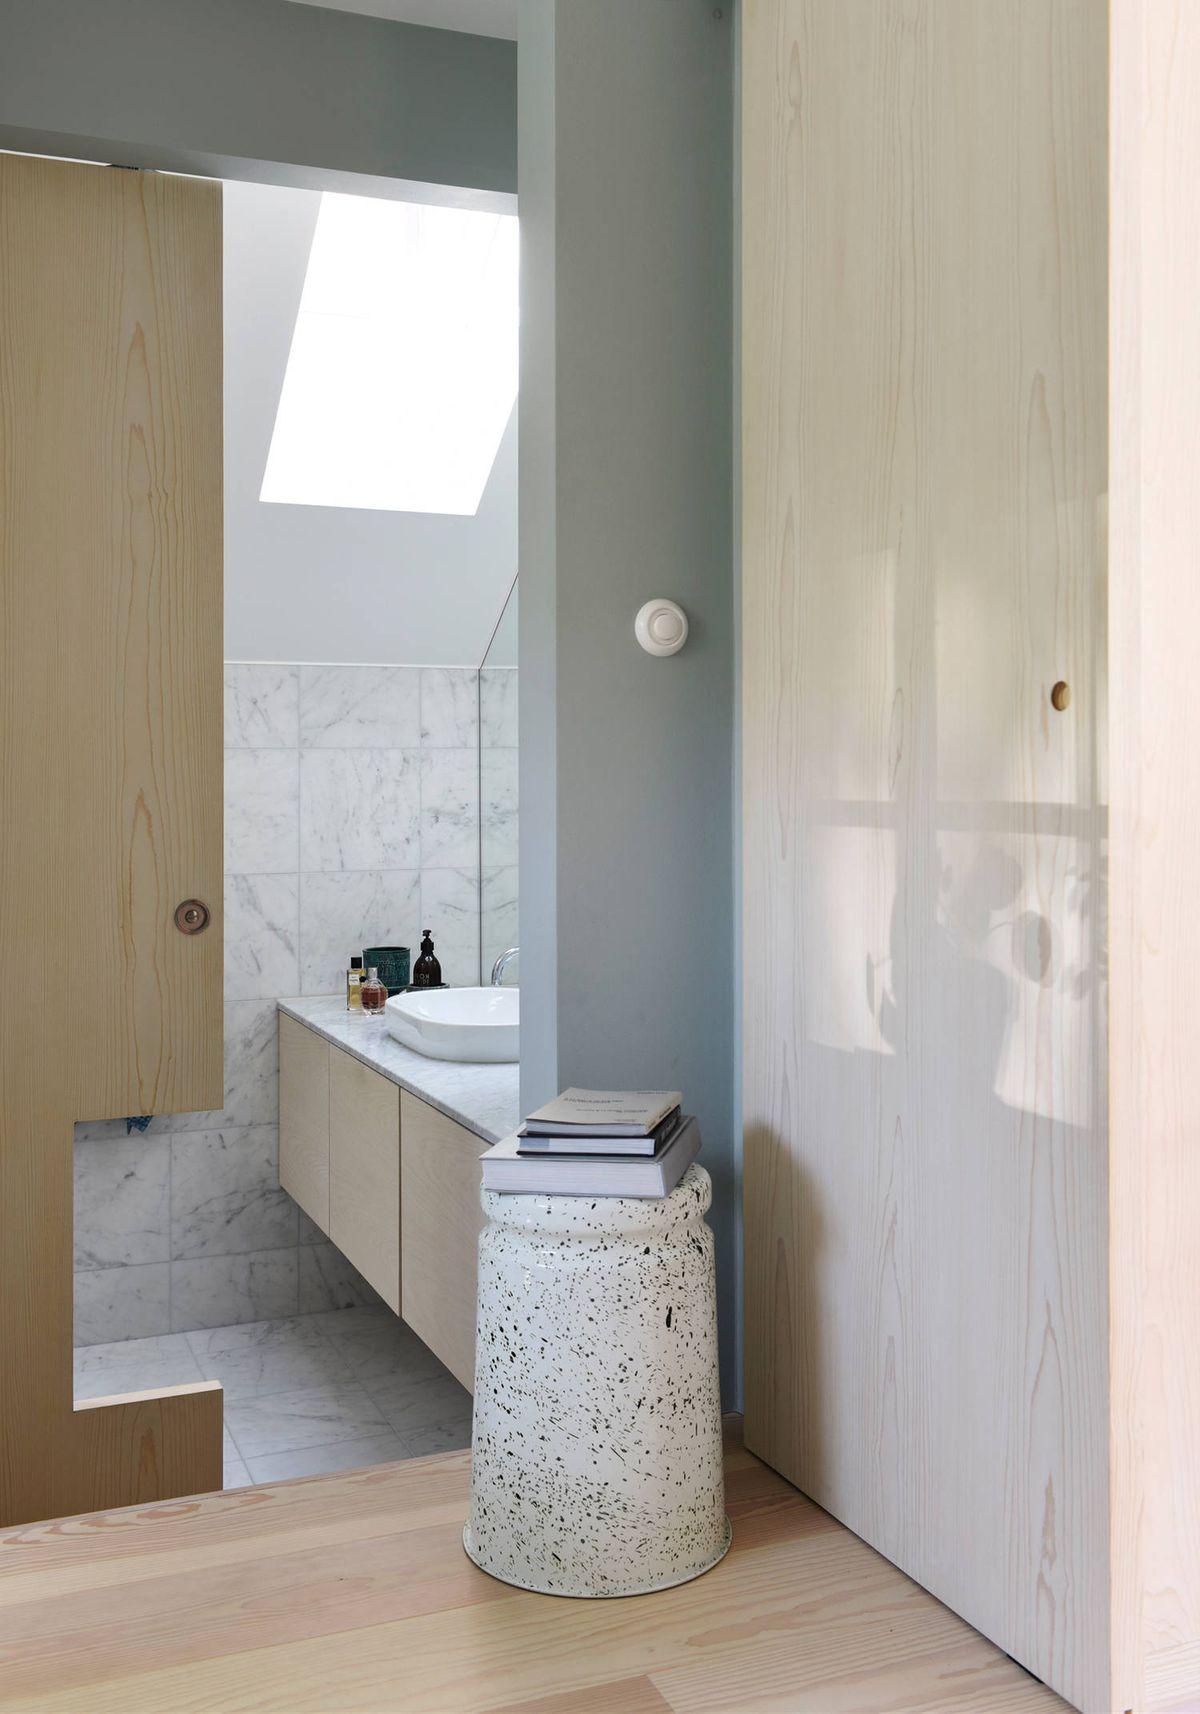 Bathroom with sliding door half open